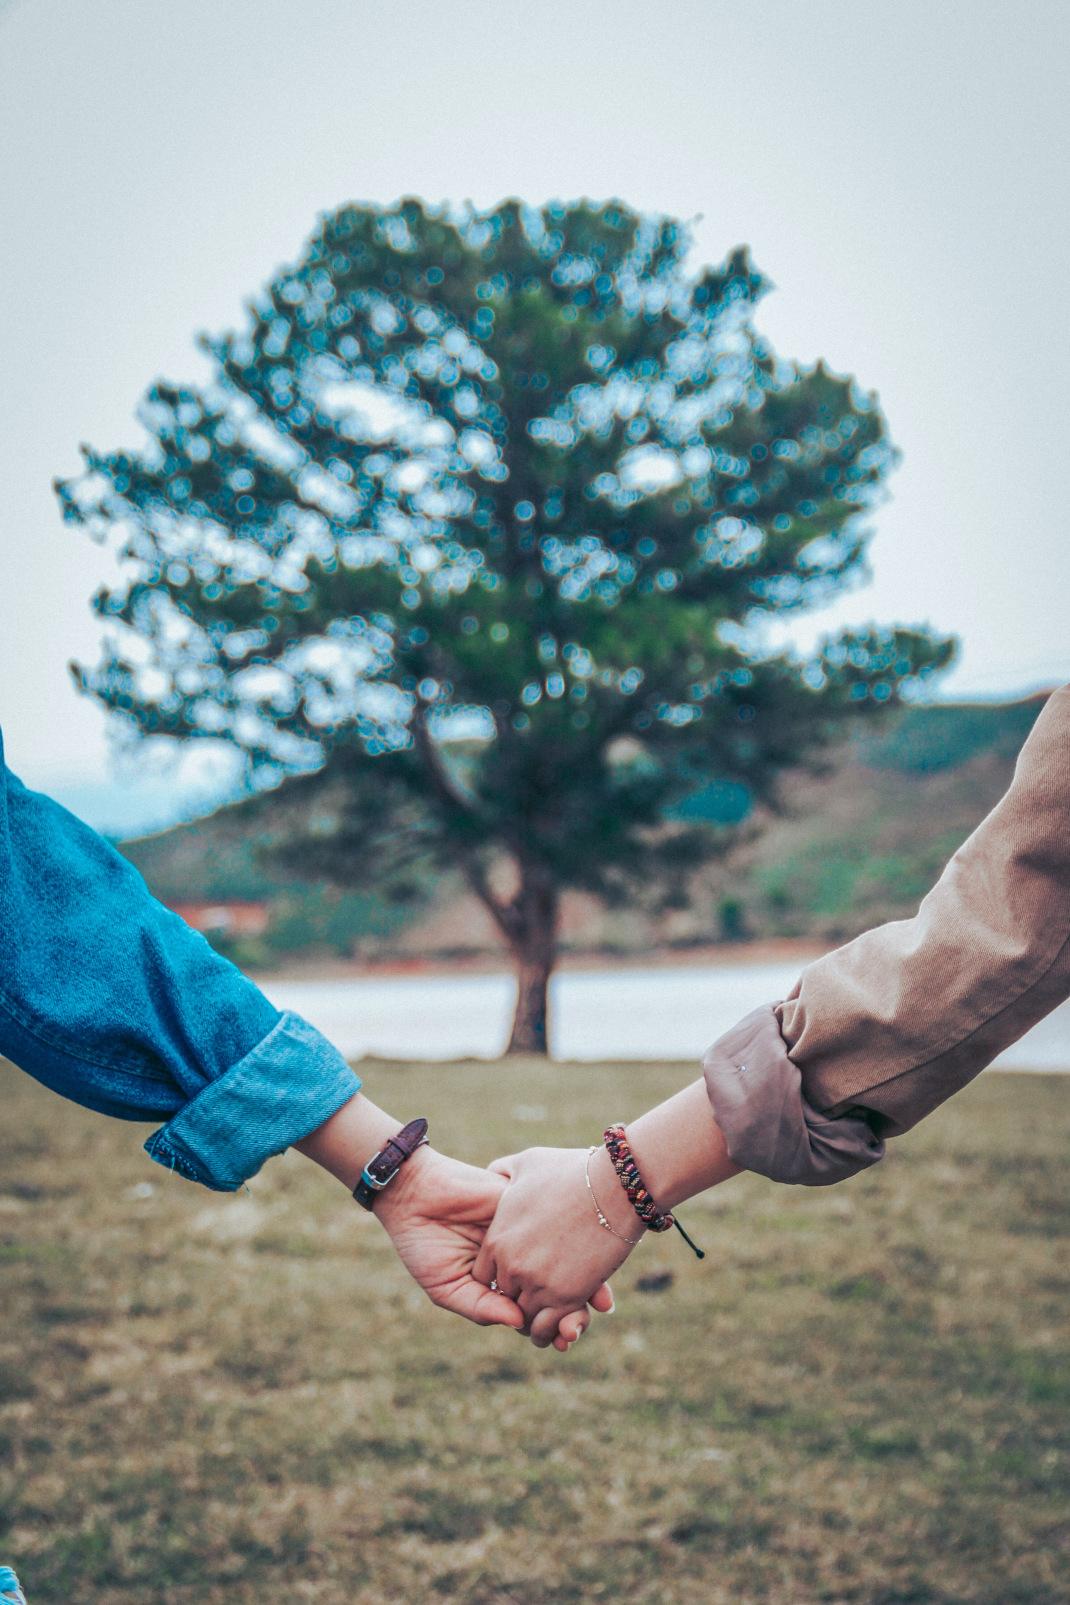 Οι 6 ζωδιακοί συνδυασμοί που έχουν έντονο συναισθηματικό δέσιμο